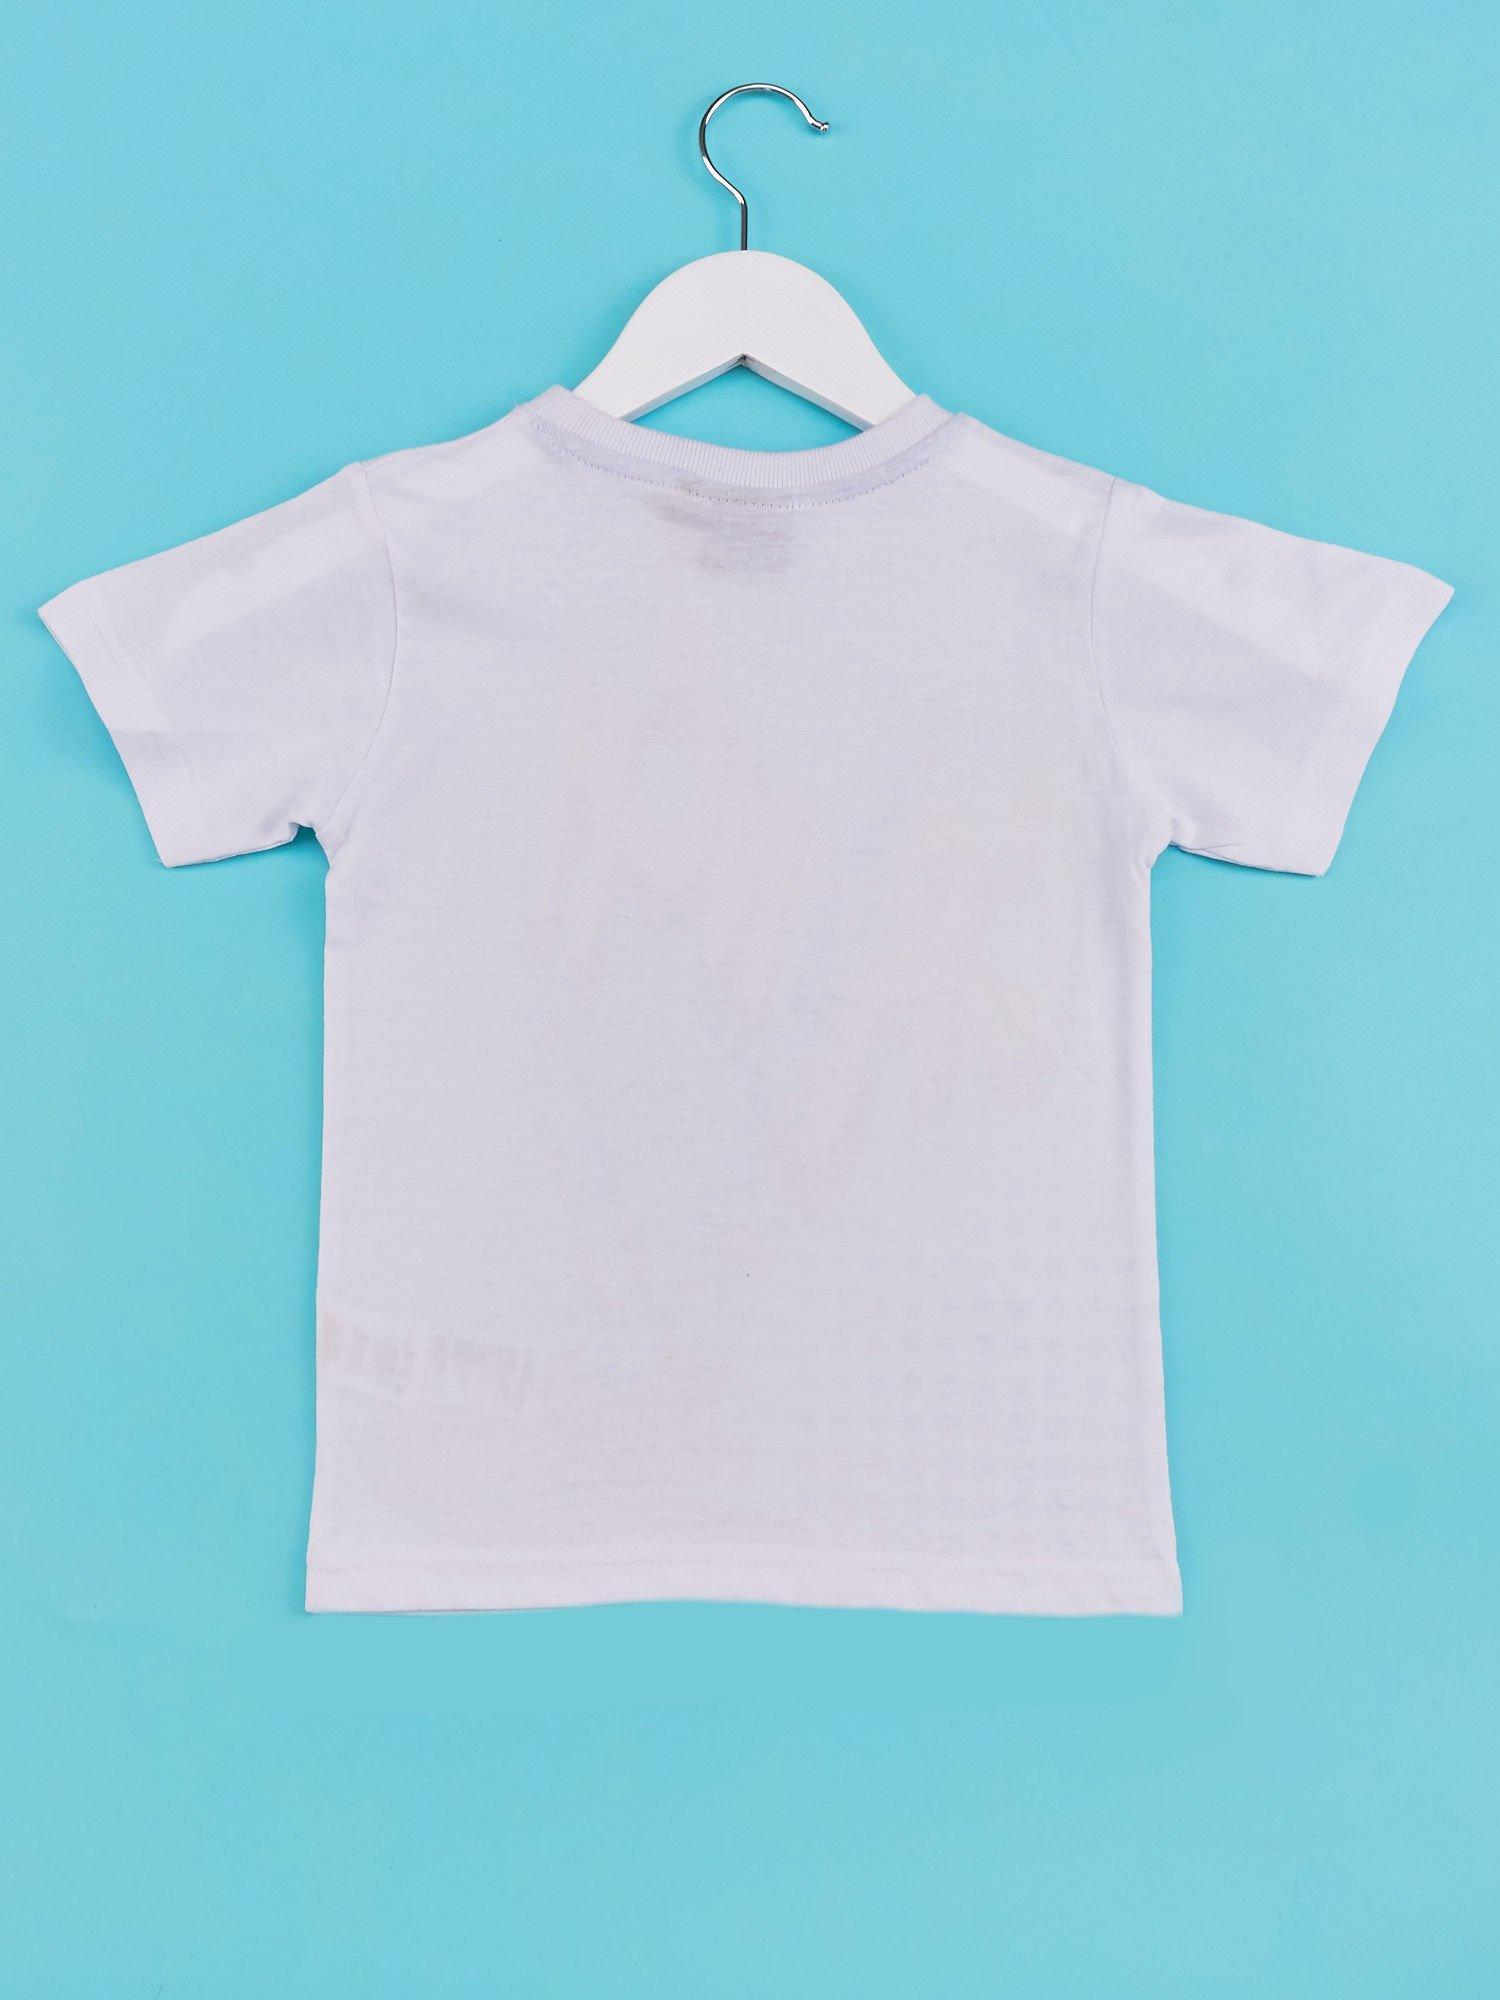 Biały t-shirt chłopięcy z industralnym nadrukiem                                  zdj.                                  2